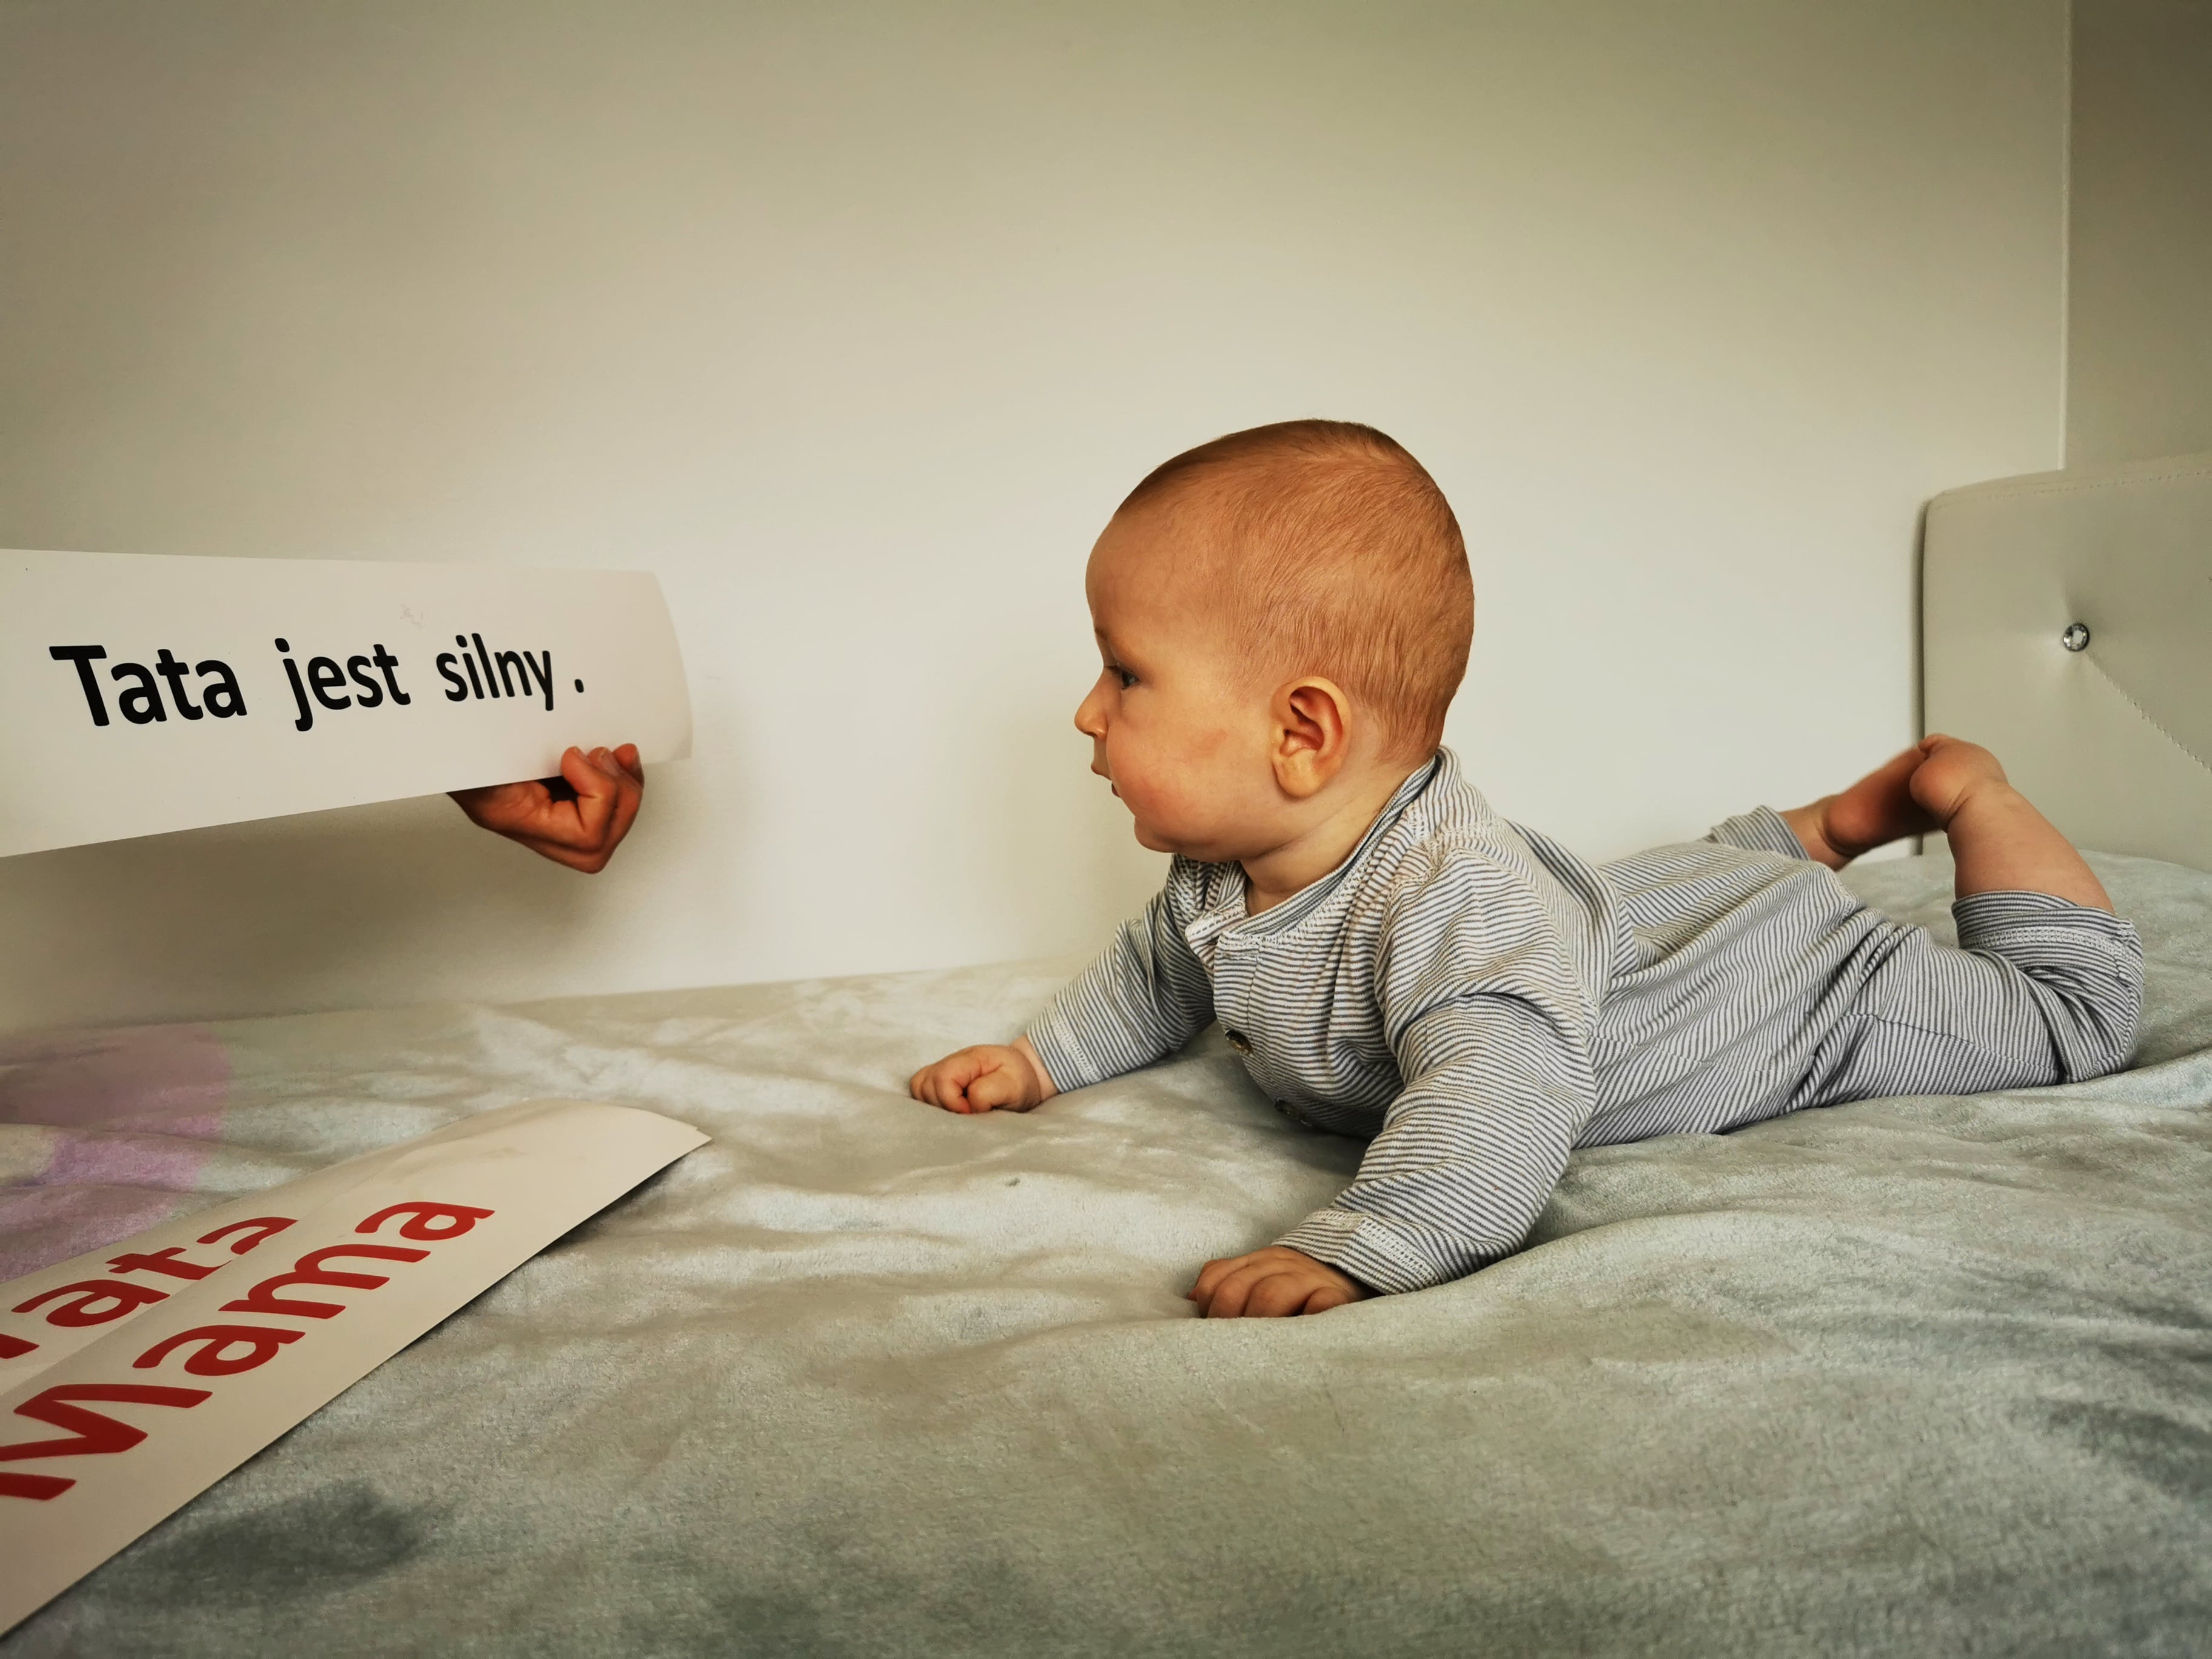 rozwój dziecka pierwszy rok życia niemowlę czyta karty donauki czytania